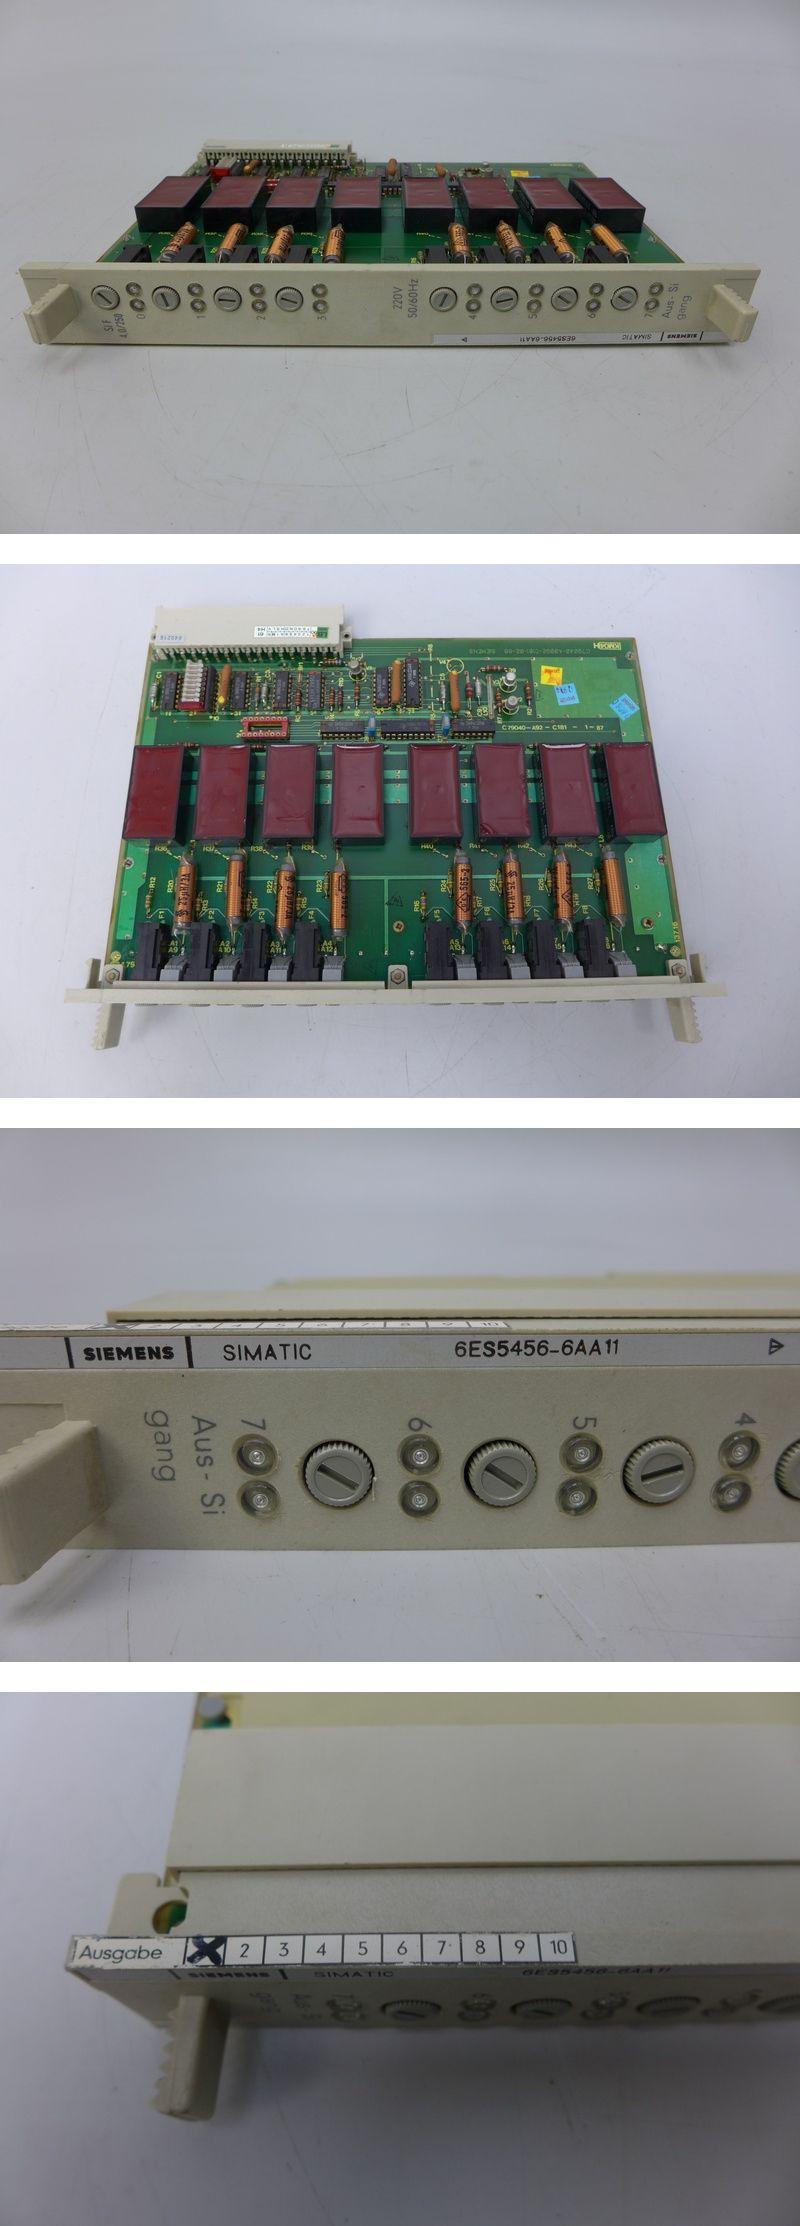 Siemens Simatic 6ES5 456-6AA11 6ES5456-6AA11